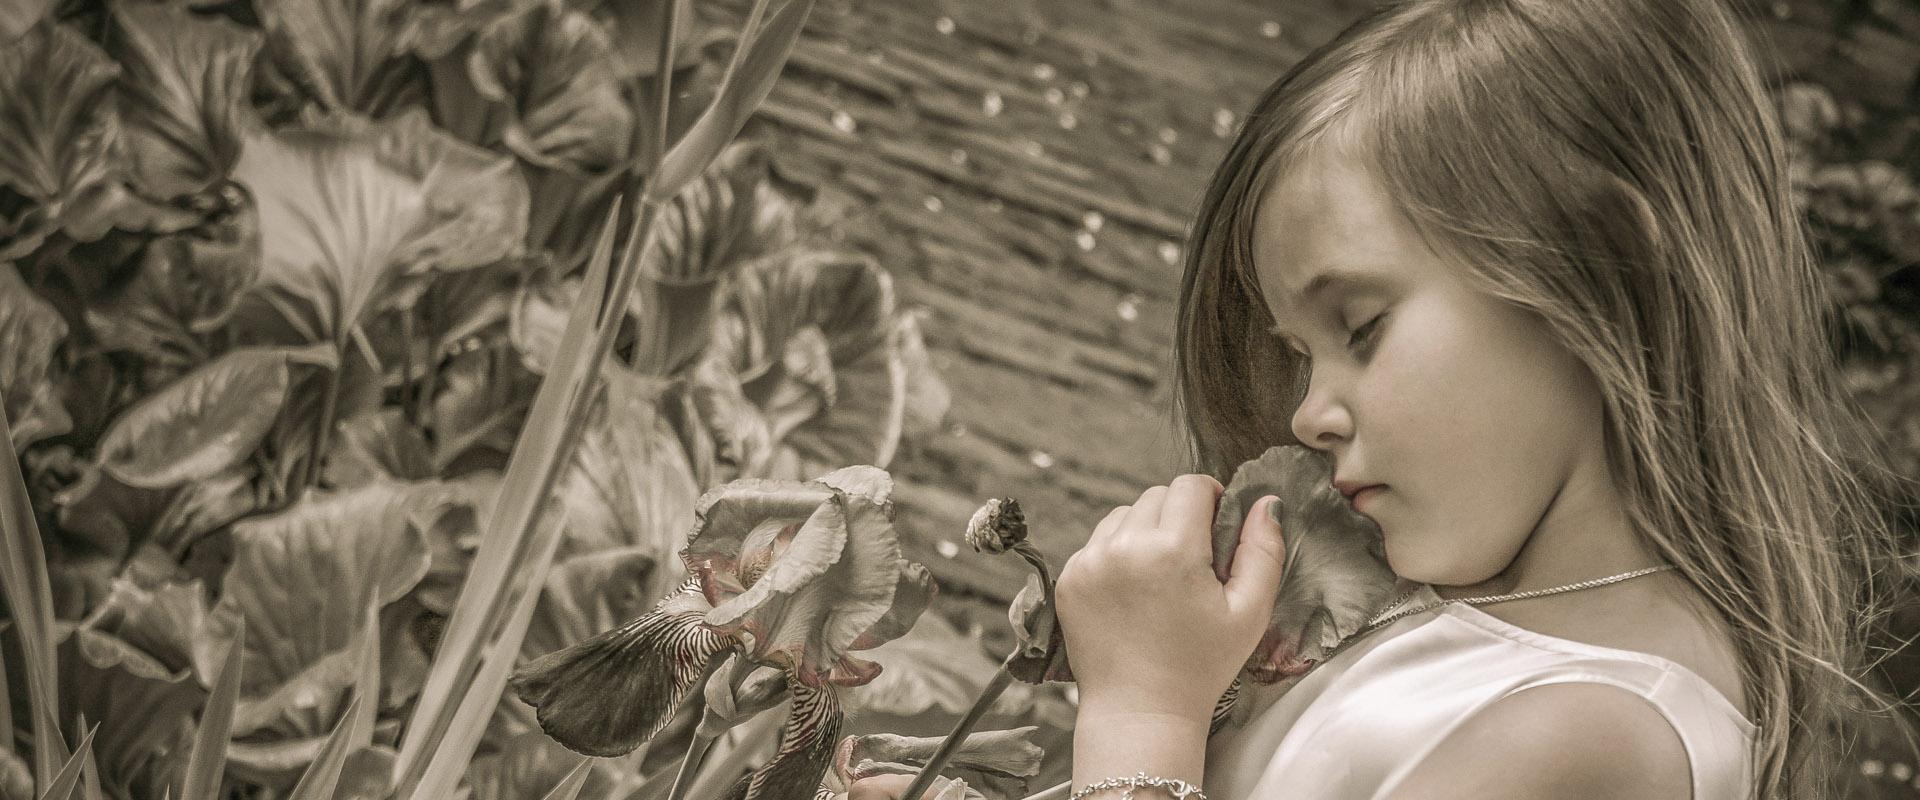 FotoKniaziuk - Dziecko w obiektywie